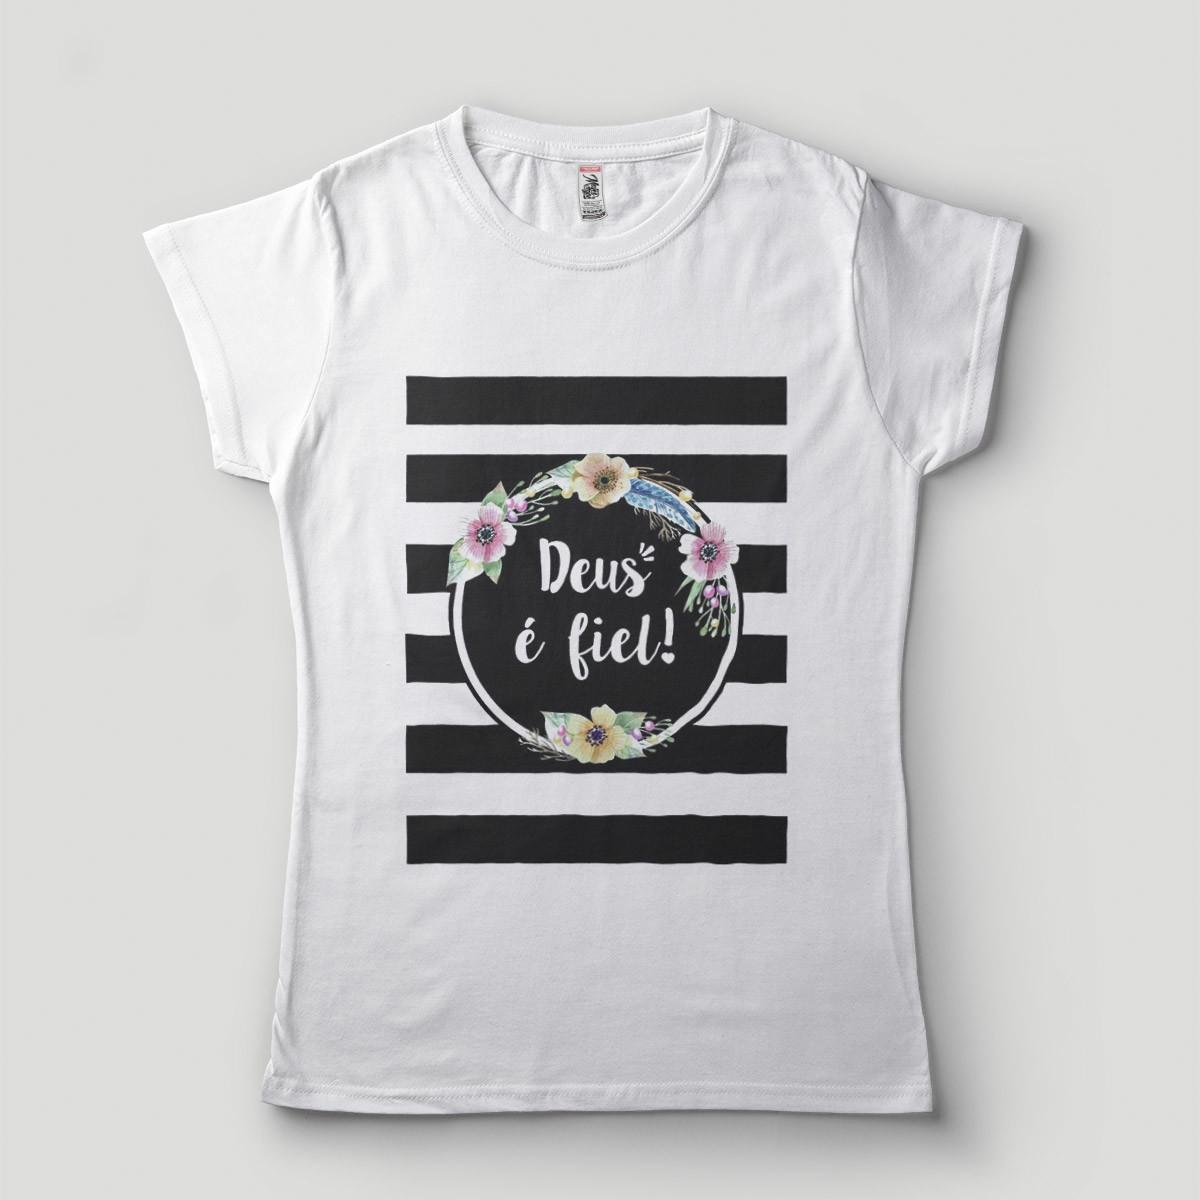 b20afe81e Camiseta Adulto Deus e Fiel